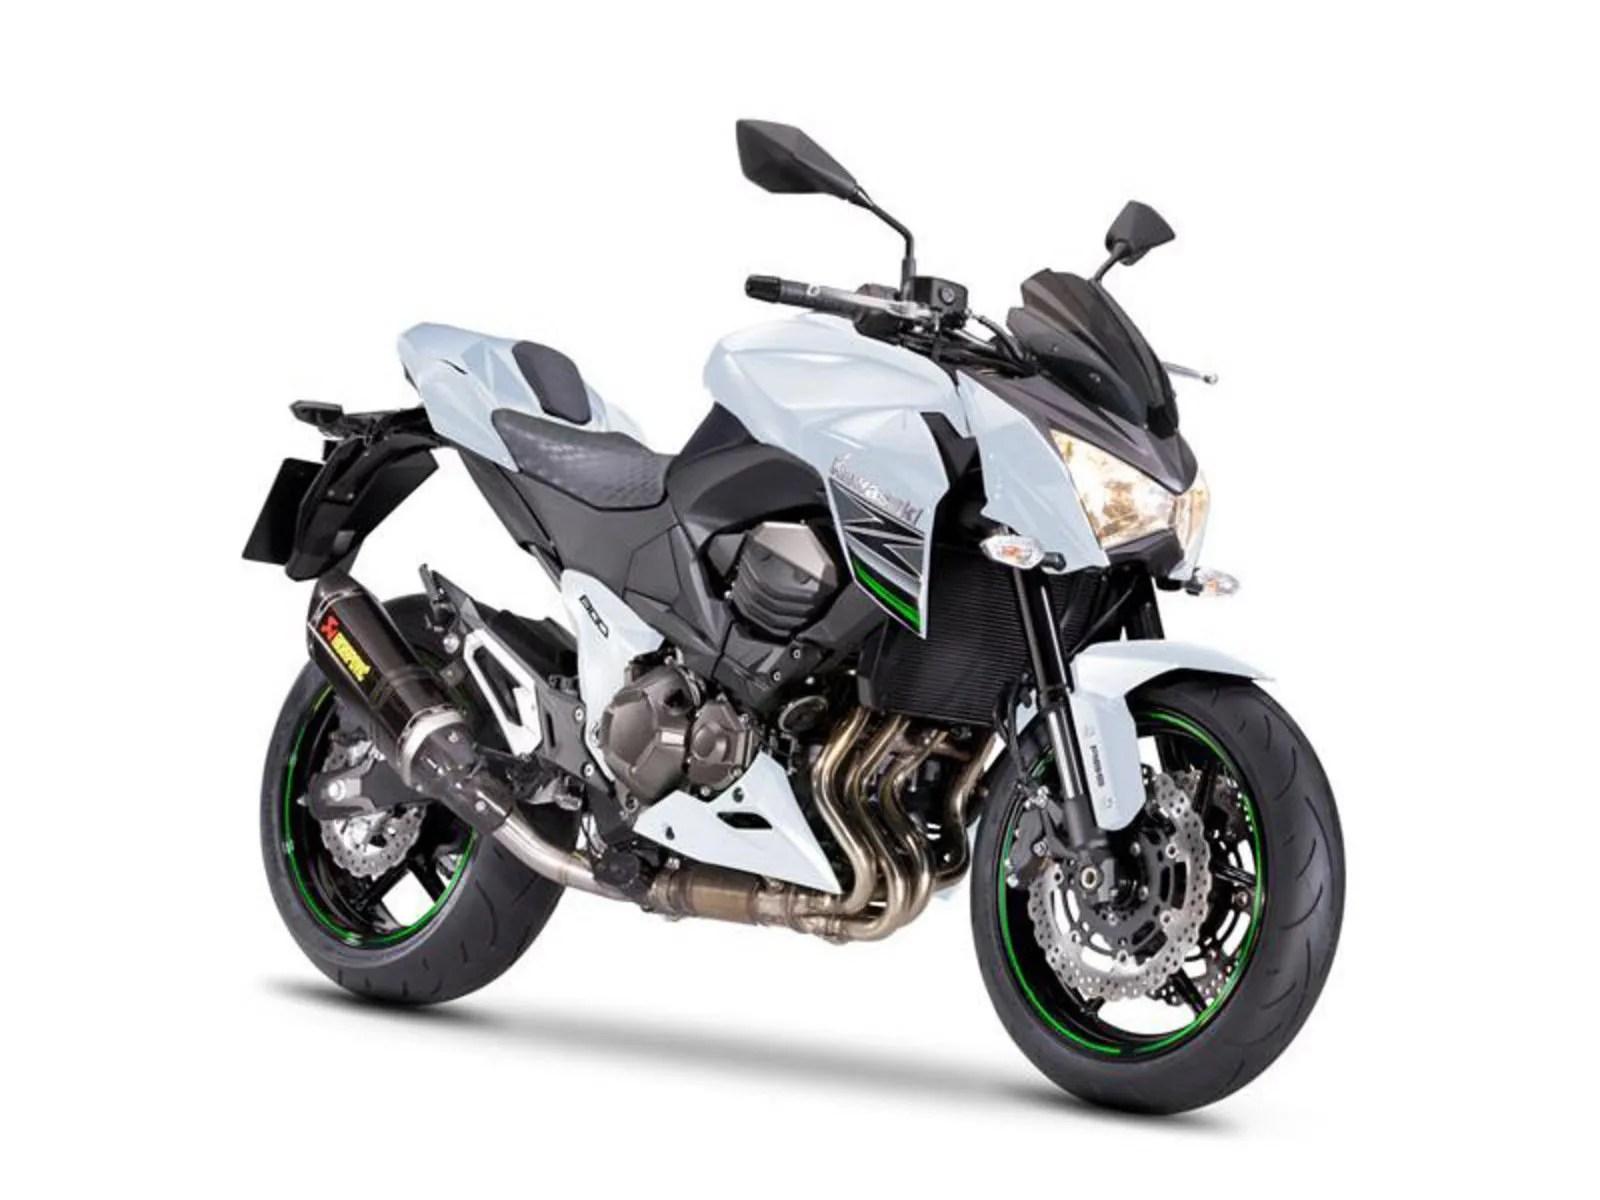 Kawasaki Z800 Performance Review